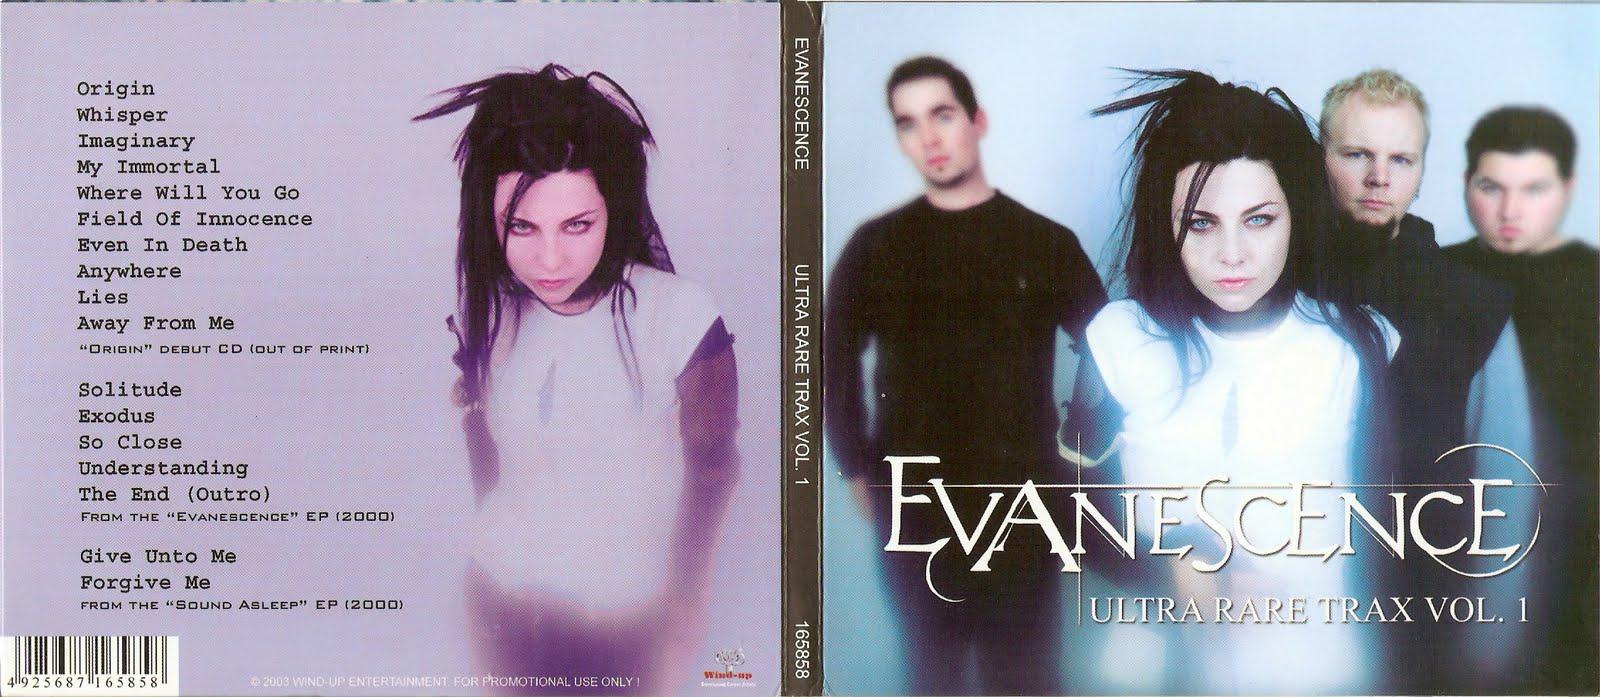 Evanescence ultra rare trax vol 1